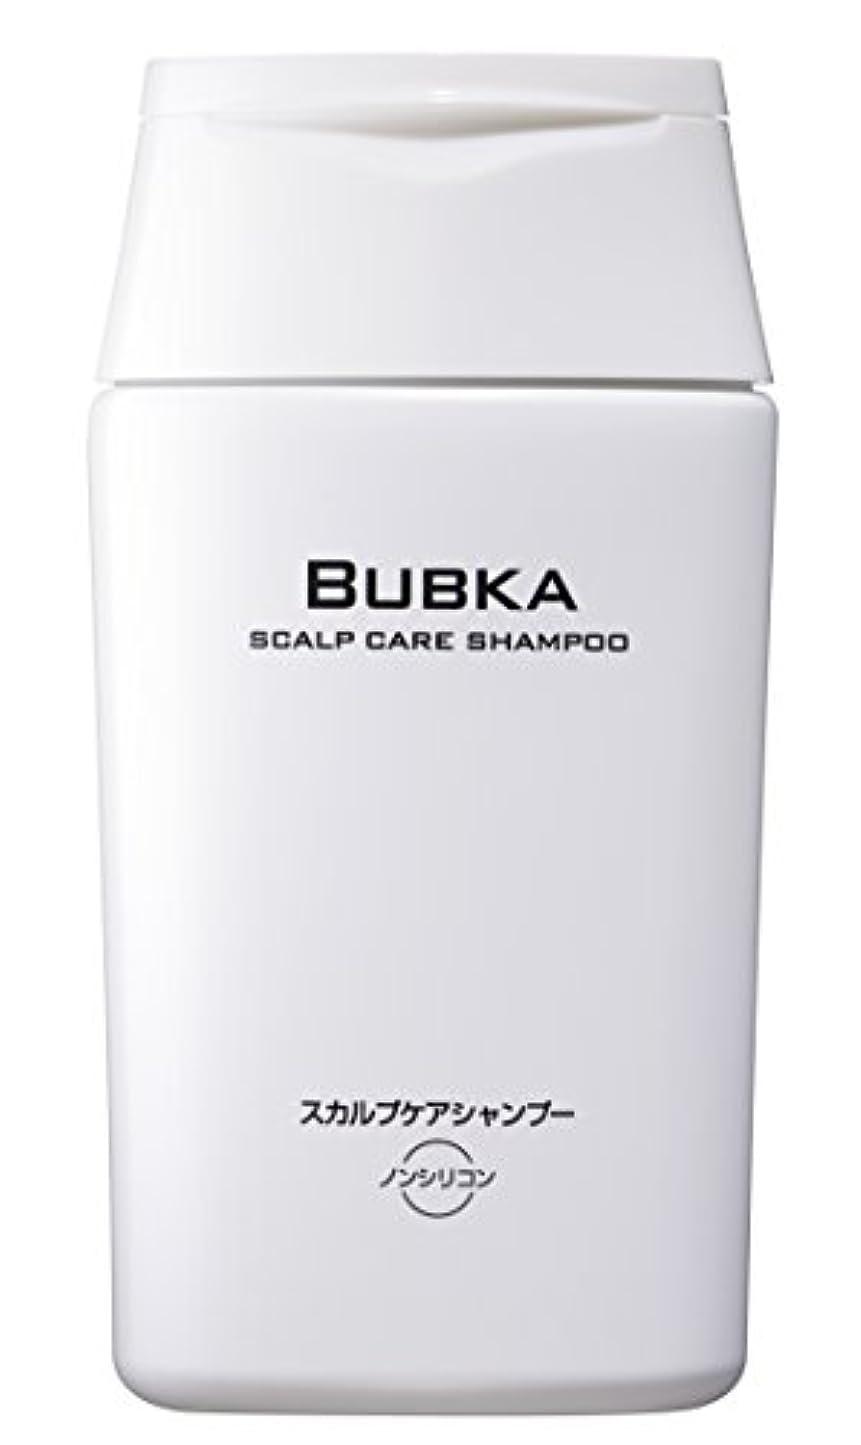 ラップ資産気味の悪い【 BUBKA ブブカ 】 NEW スカルプケアシャンプー 200ml (乳酸菌配合) (ノンシリコンシャンプー) (オールインワン)